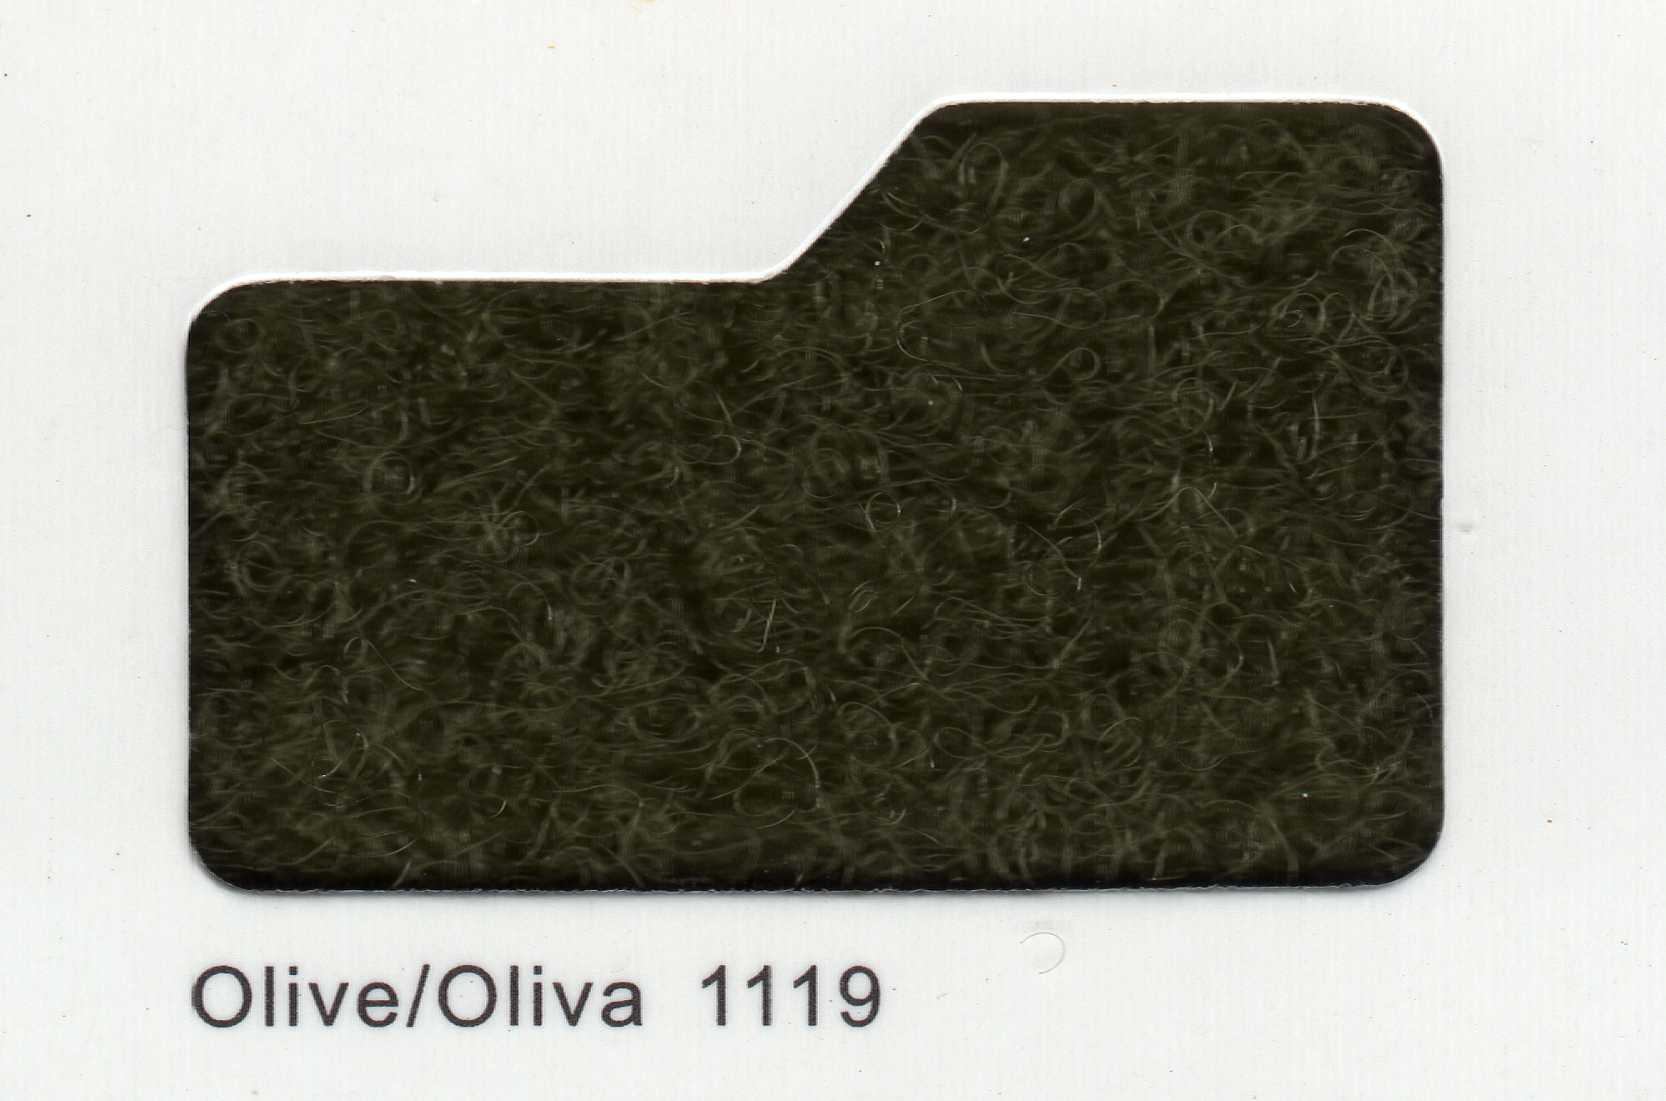 Cinta de cierre Velcro-Veraco 25mm Oliva 1119 (Rizo).